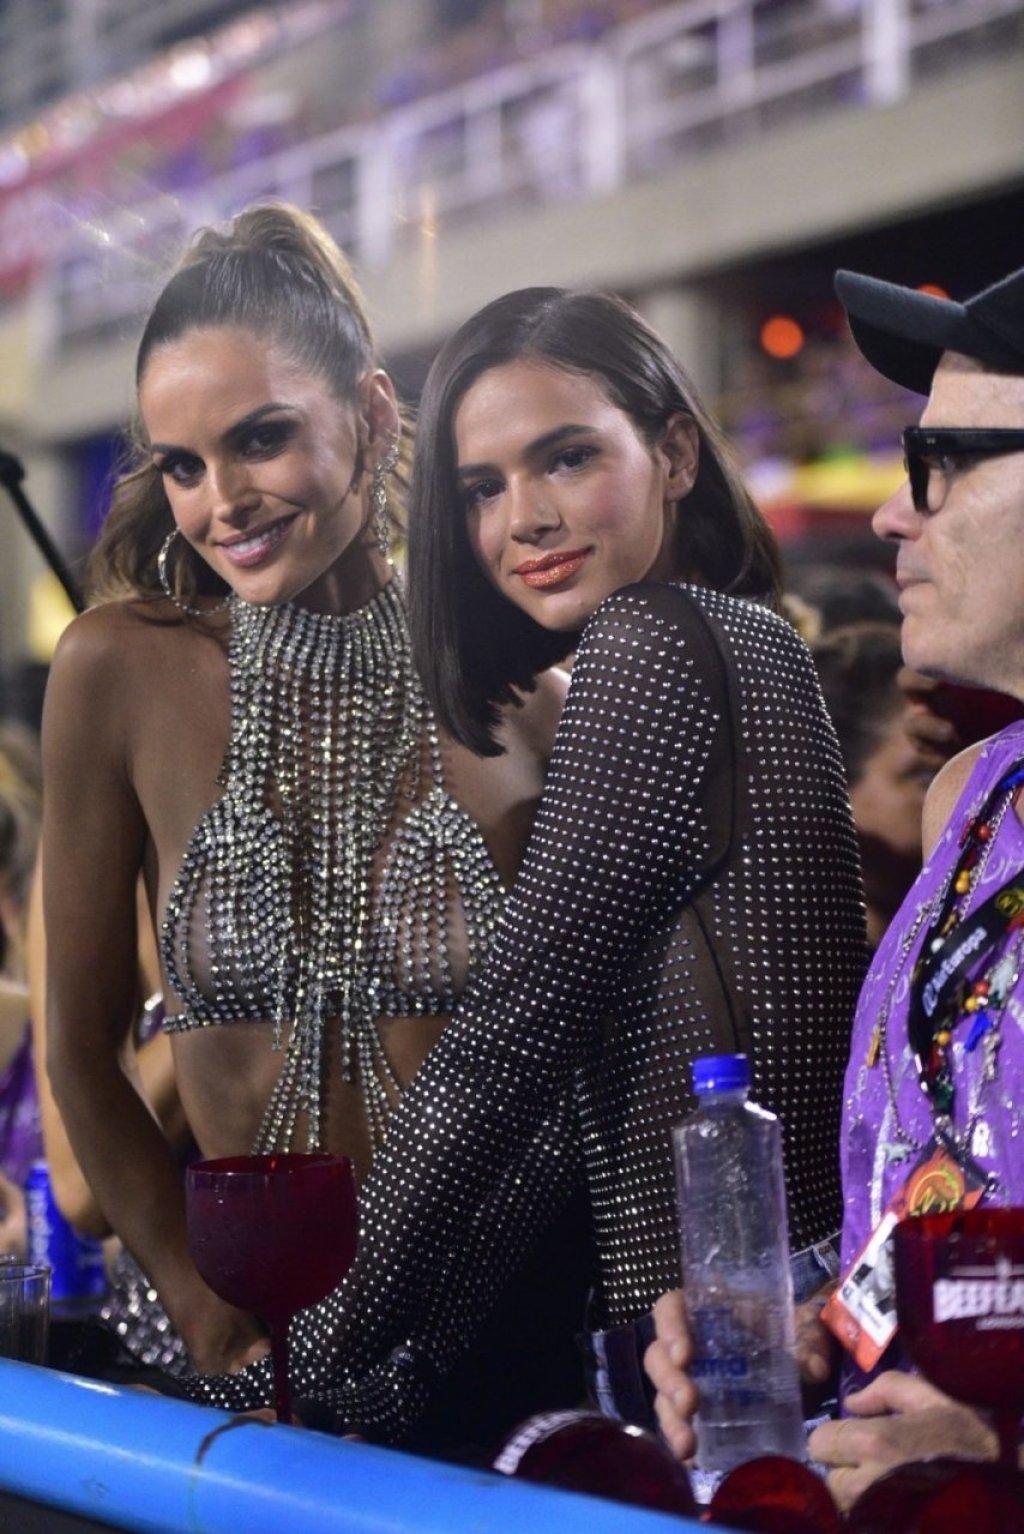 Bruna Marquezine, Izabel Goulart, Fernanda Motta See Through & Sexy (102 Photos)